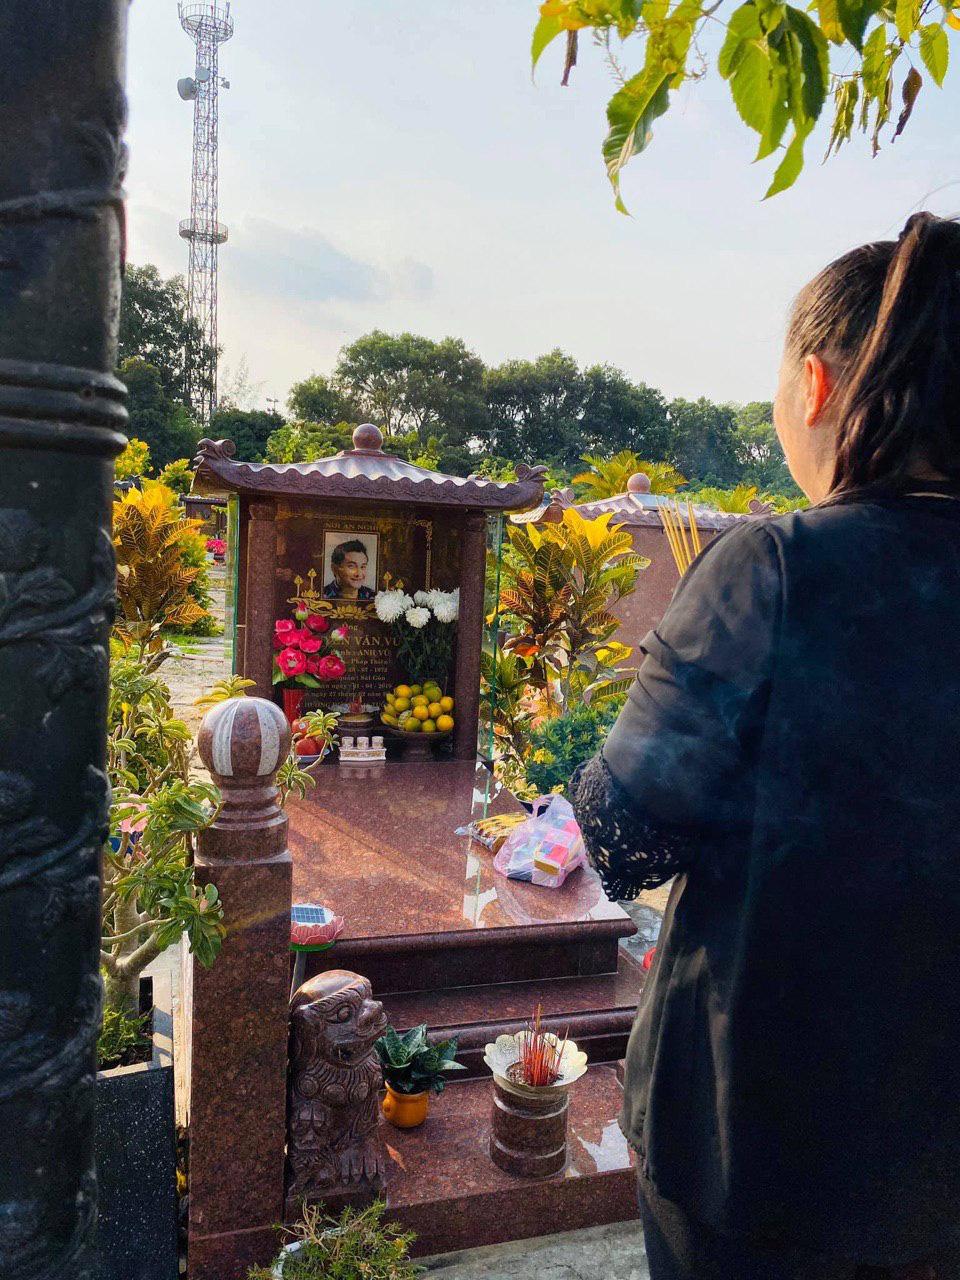 1 năm ngày mất, NSND Hồng Vân một mình đến viếng mộ cố nghệ sĩ Anh Vũ: Người đã ra đi nhưng cái tình còn mãi! - Ảnh 1